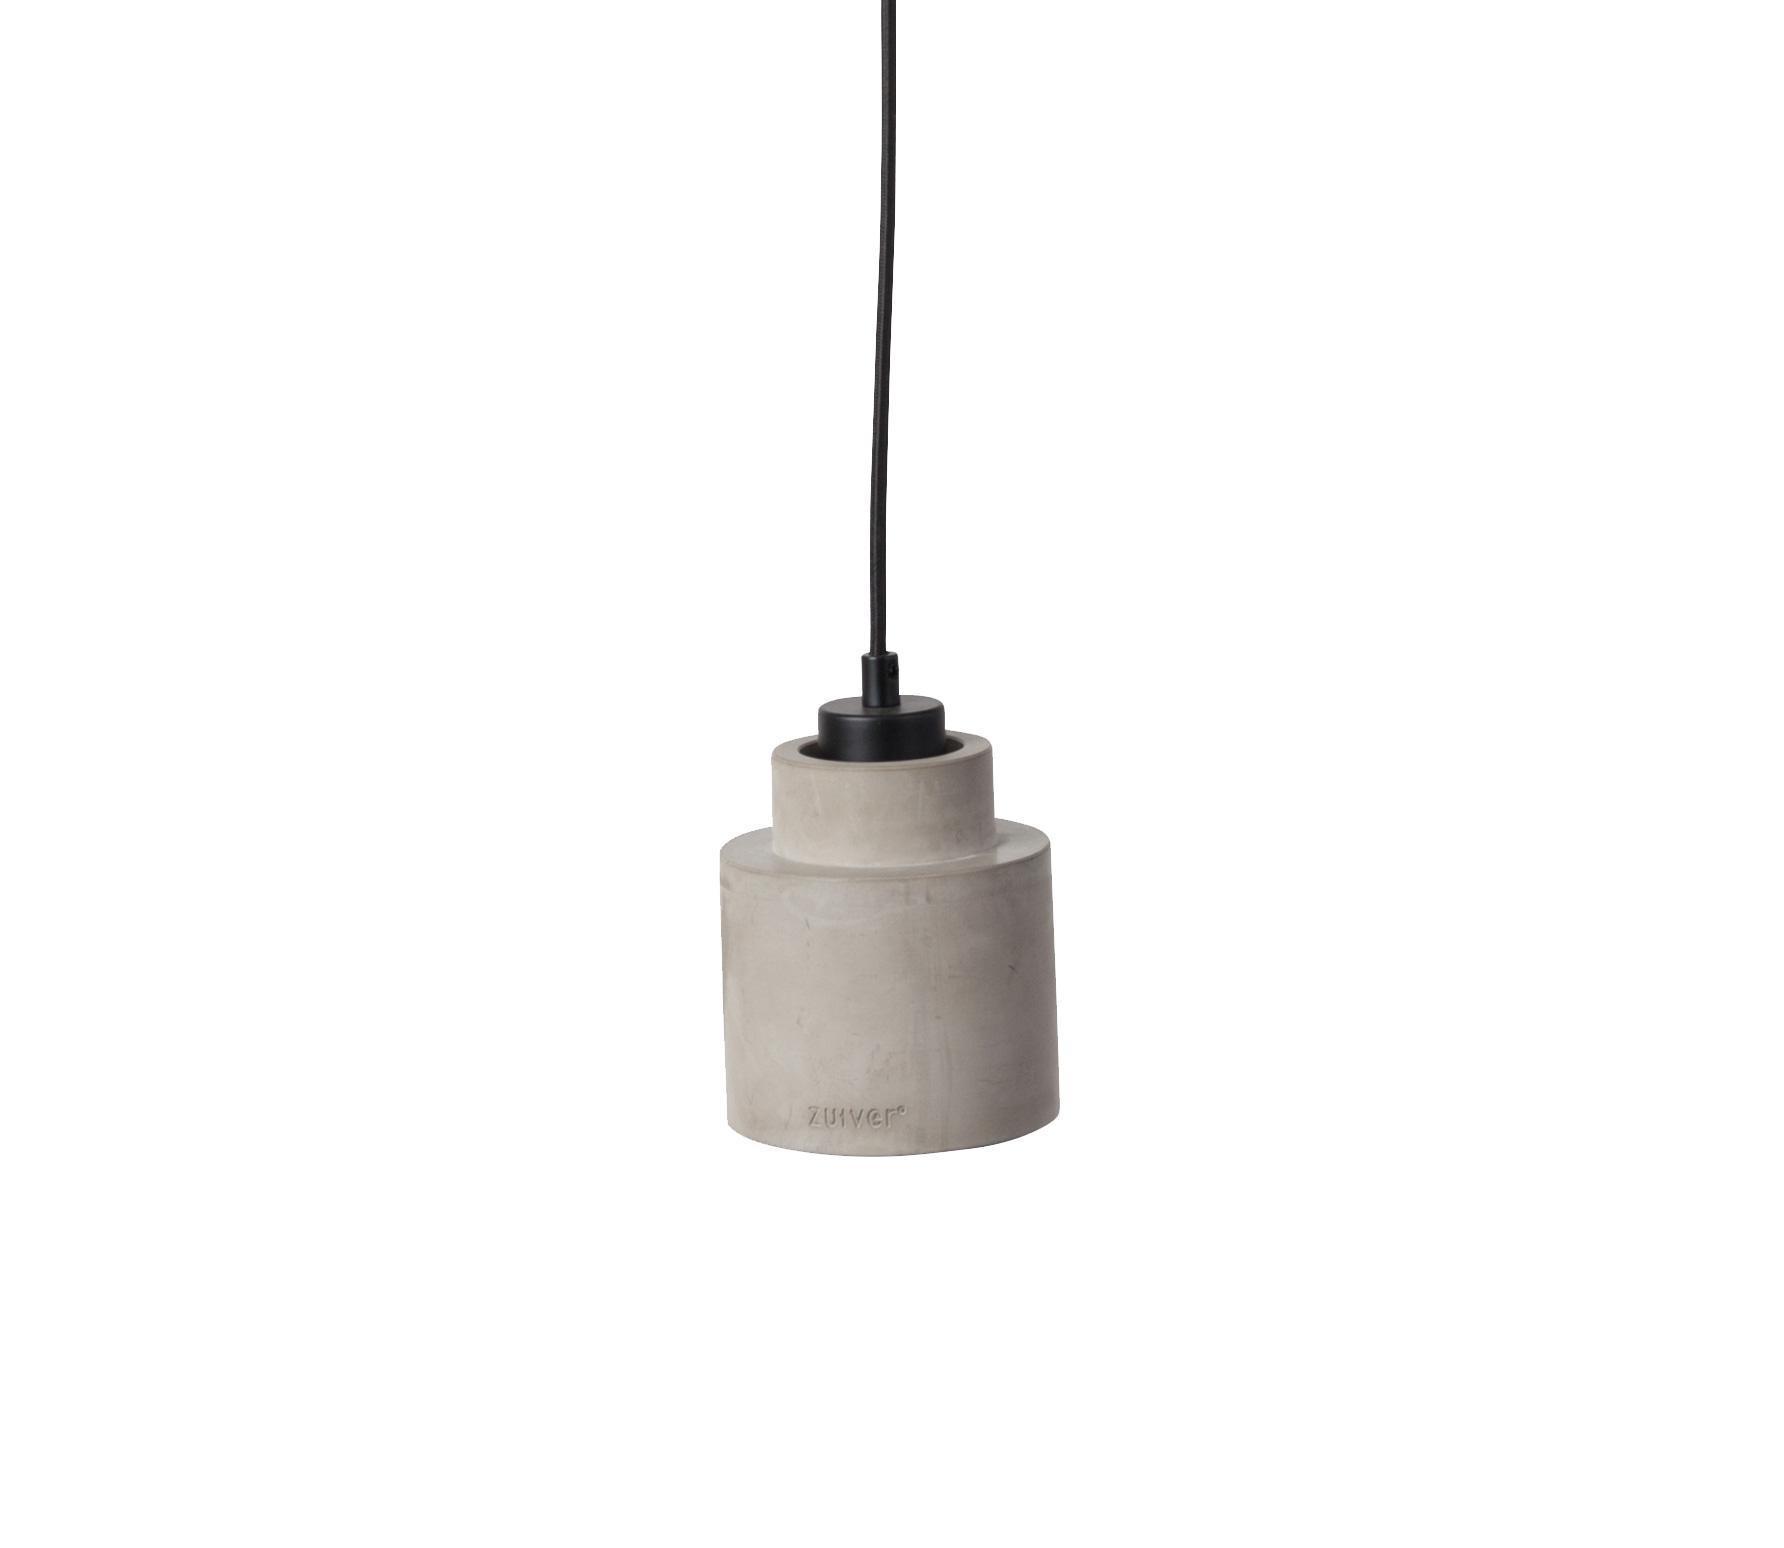 Zuiver Left hanglamp � 11 cm beton Beton